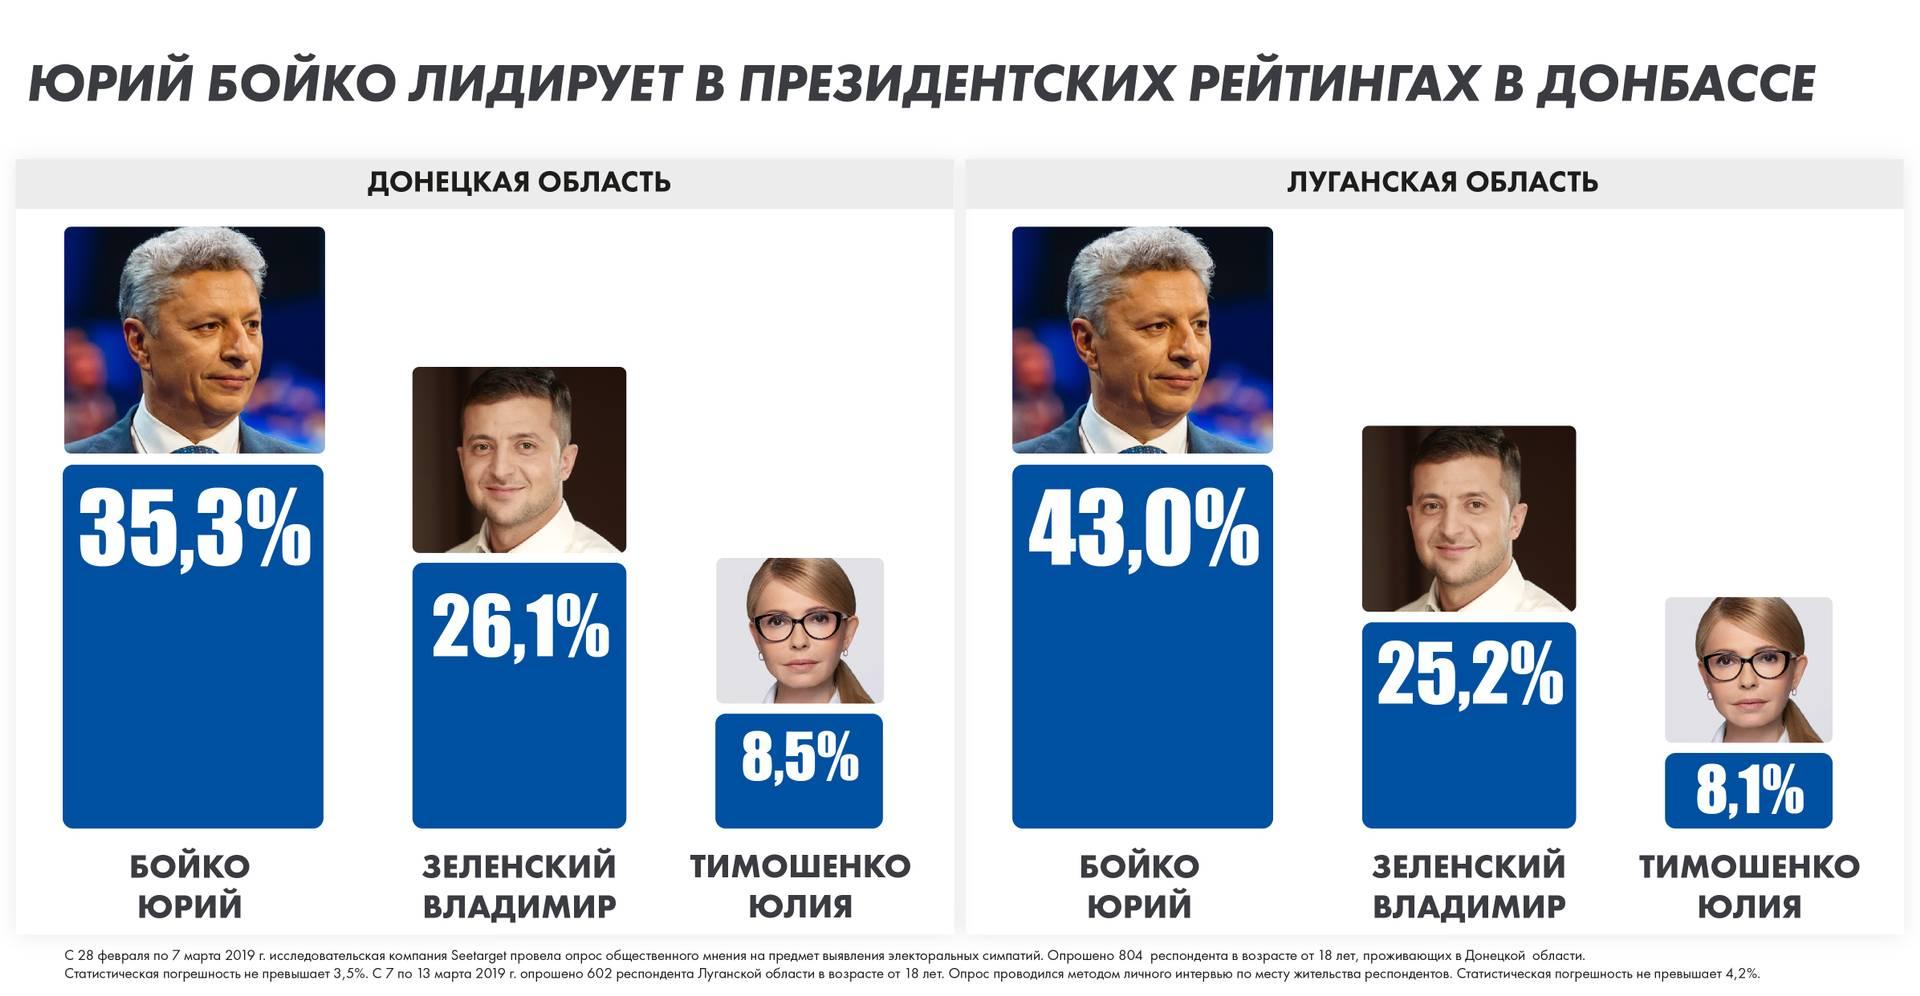 Цифры предвыборных опросов в Донецкой и Луганской областях на подконтроль